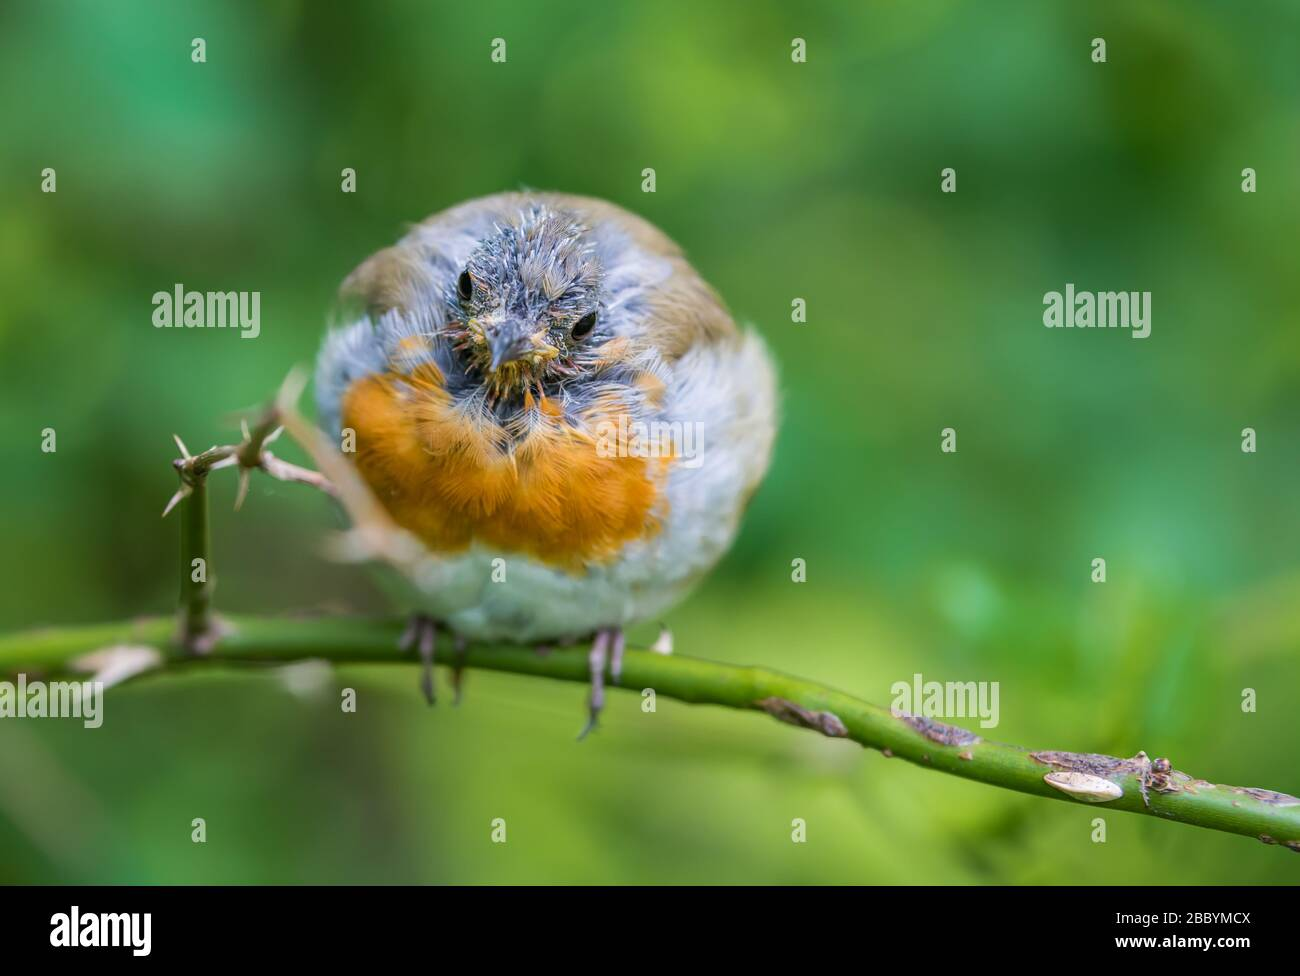 European Robin (Erithacus rubecula) en la muda, encaramado en una ramita en verano en West Sussex, Inglaterra, Reino Unido. Petirrojo moliendo, perdiendo plumas. Robin calvo. Foto de stock